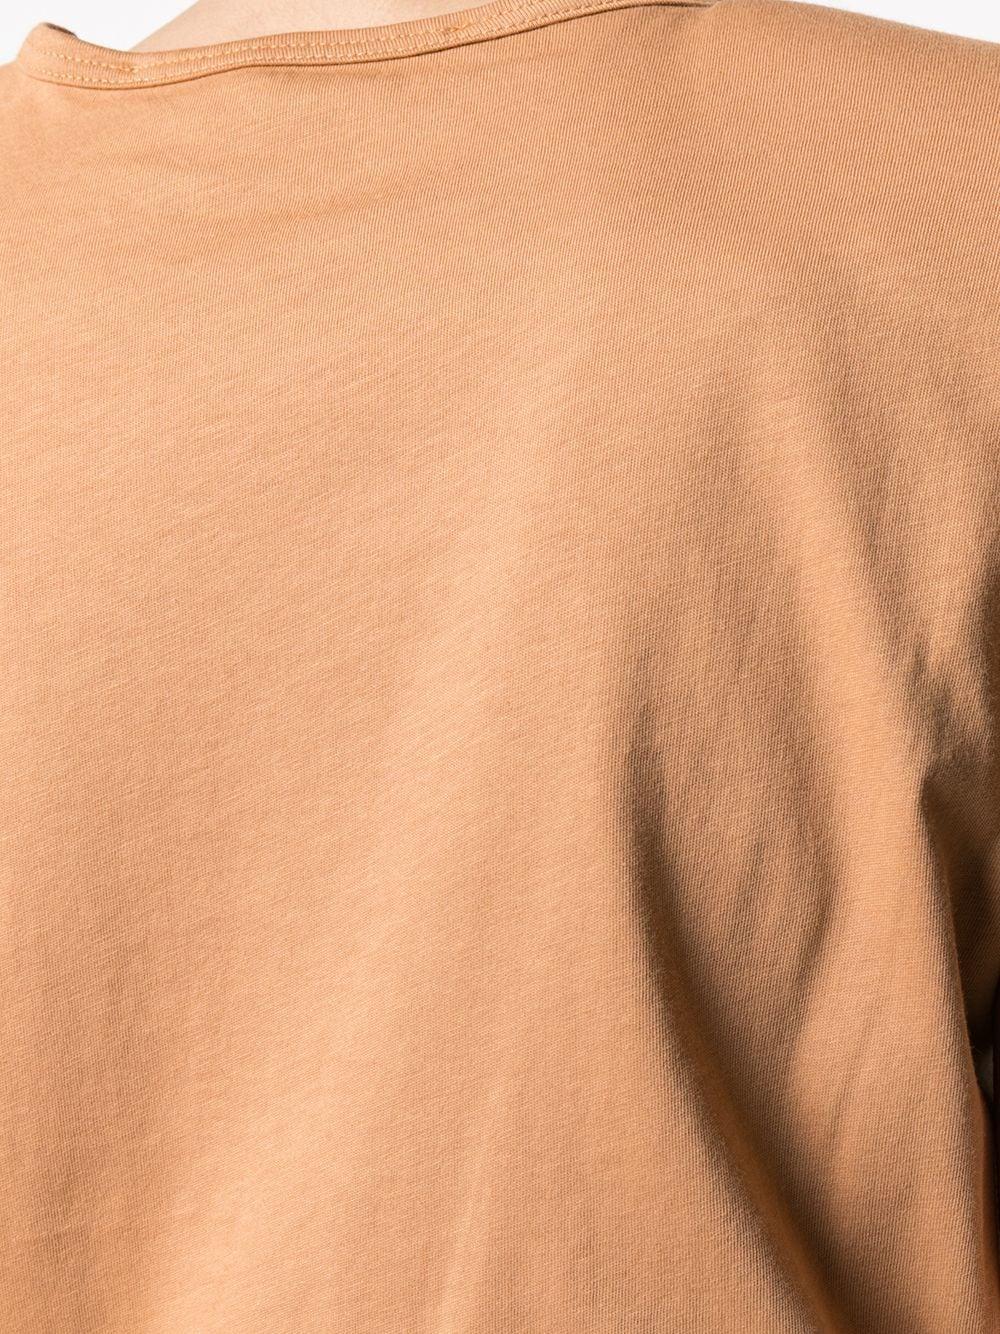 Abito corto con spalline FEDERICA TOSI | Abito | FTE21AB004.0JE00810006